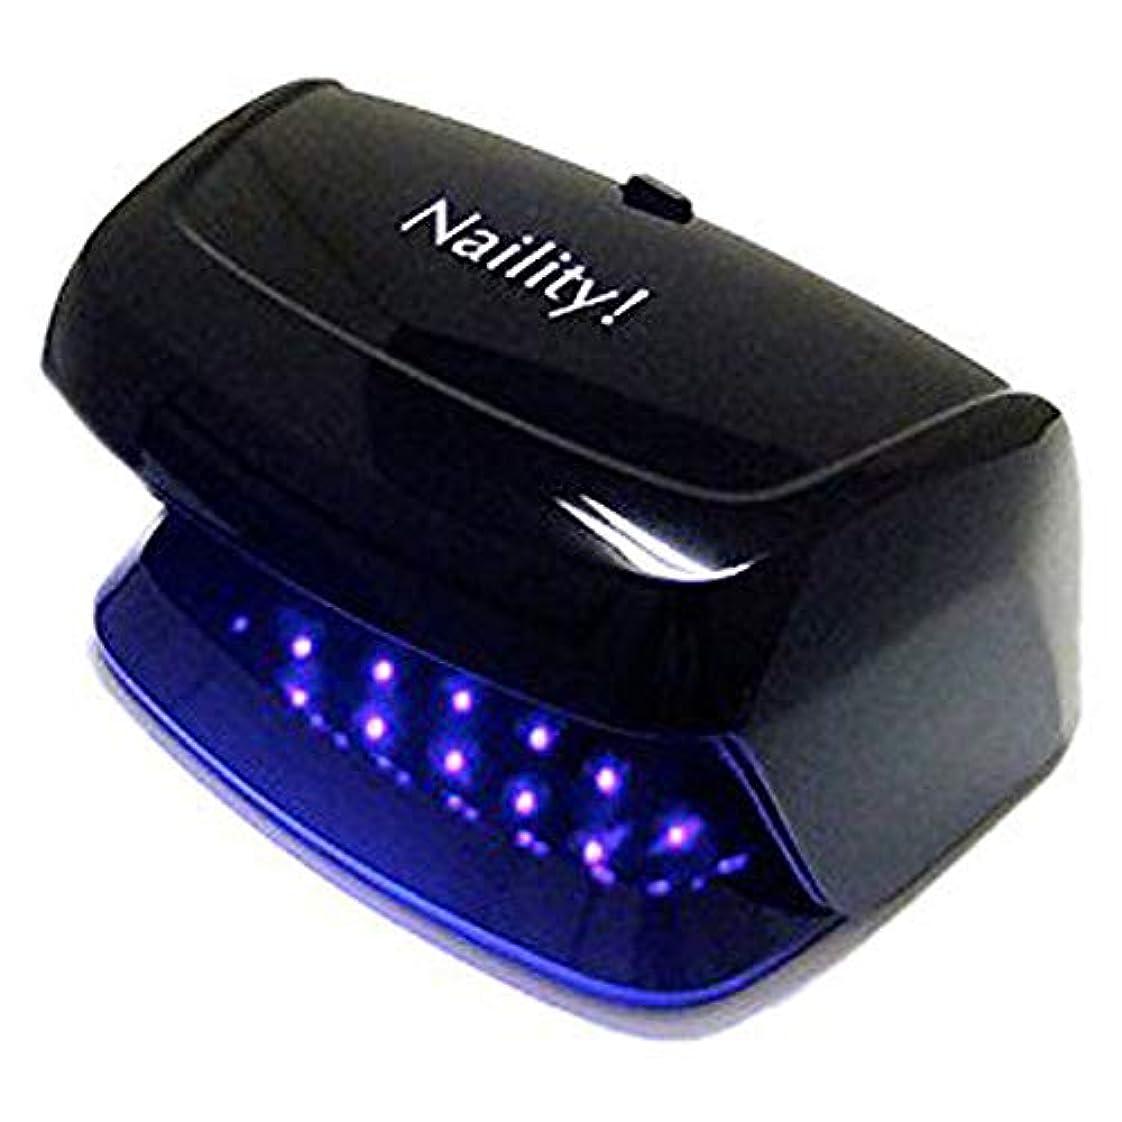 対処するニッケル有用ネイリティ!  LEDライト 3W ブラック